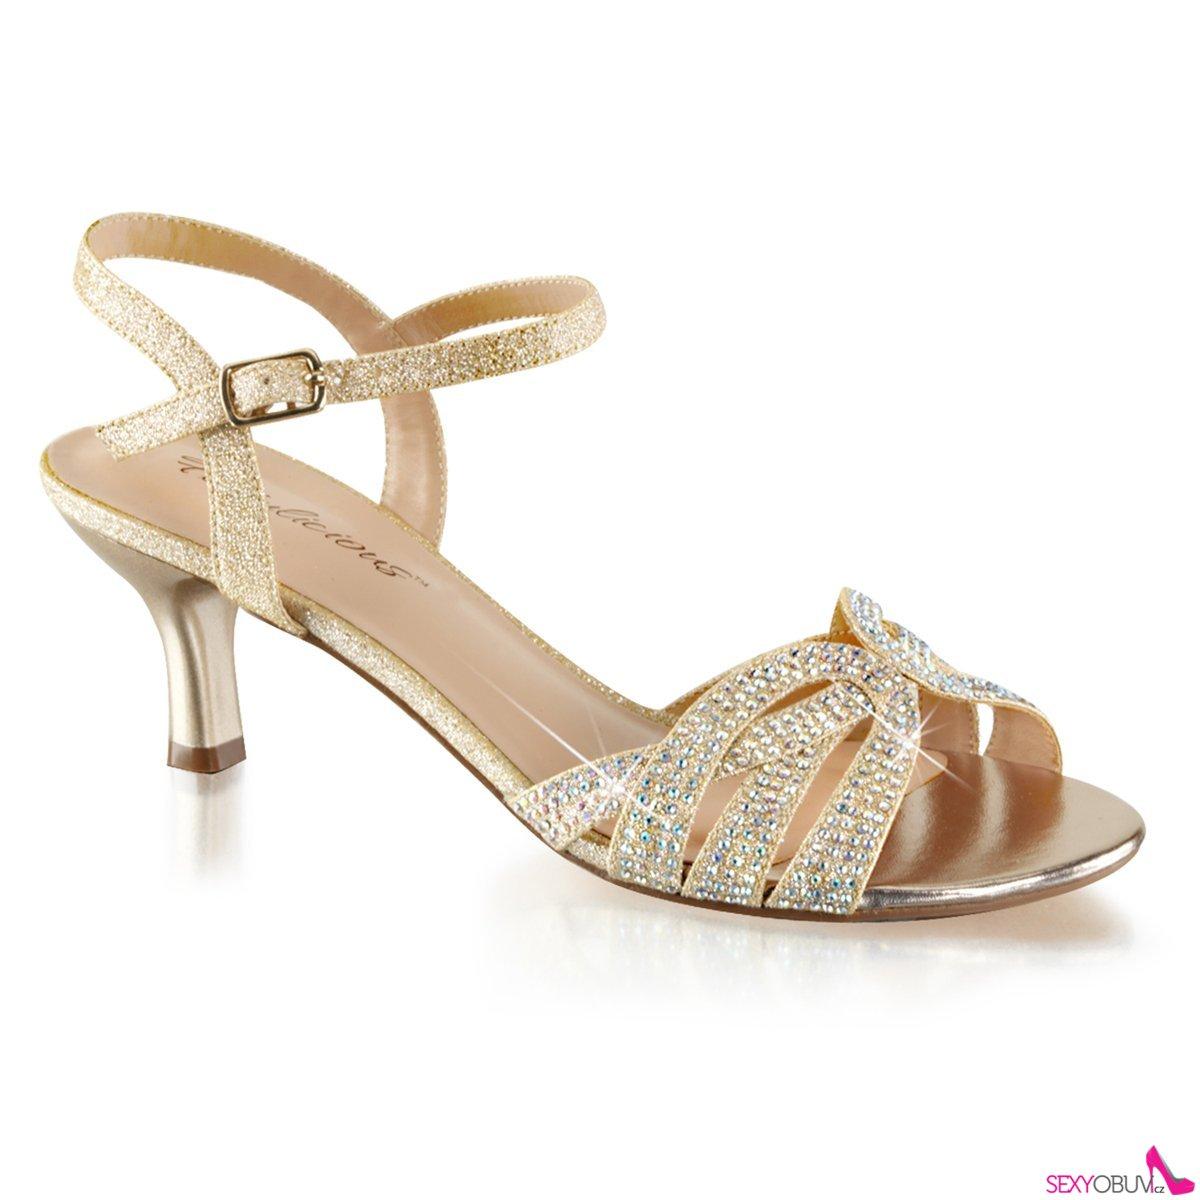 c90b3f53fd0 AUDREY-03 Béžové společenské sandály